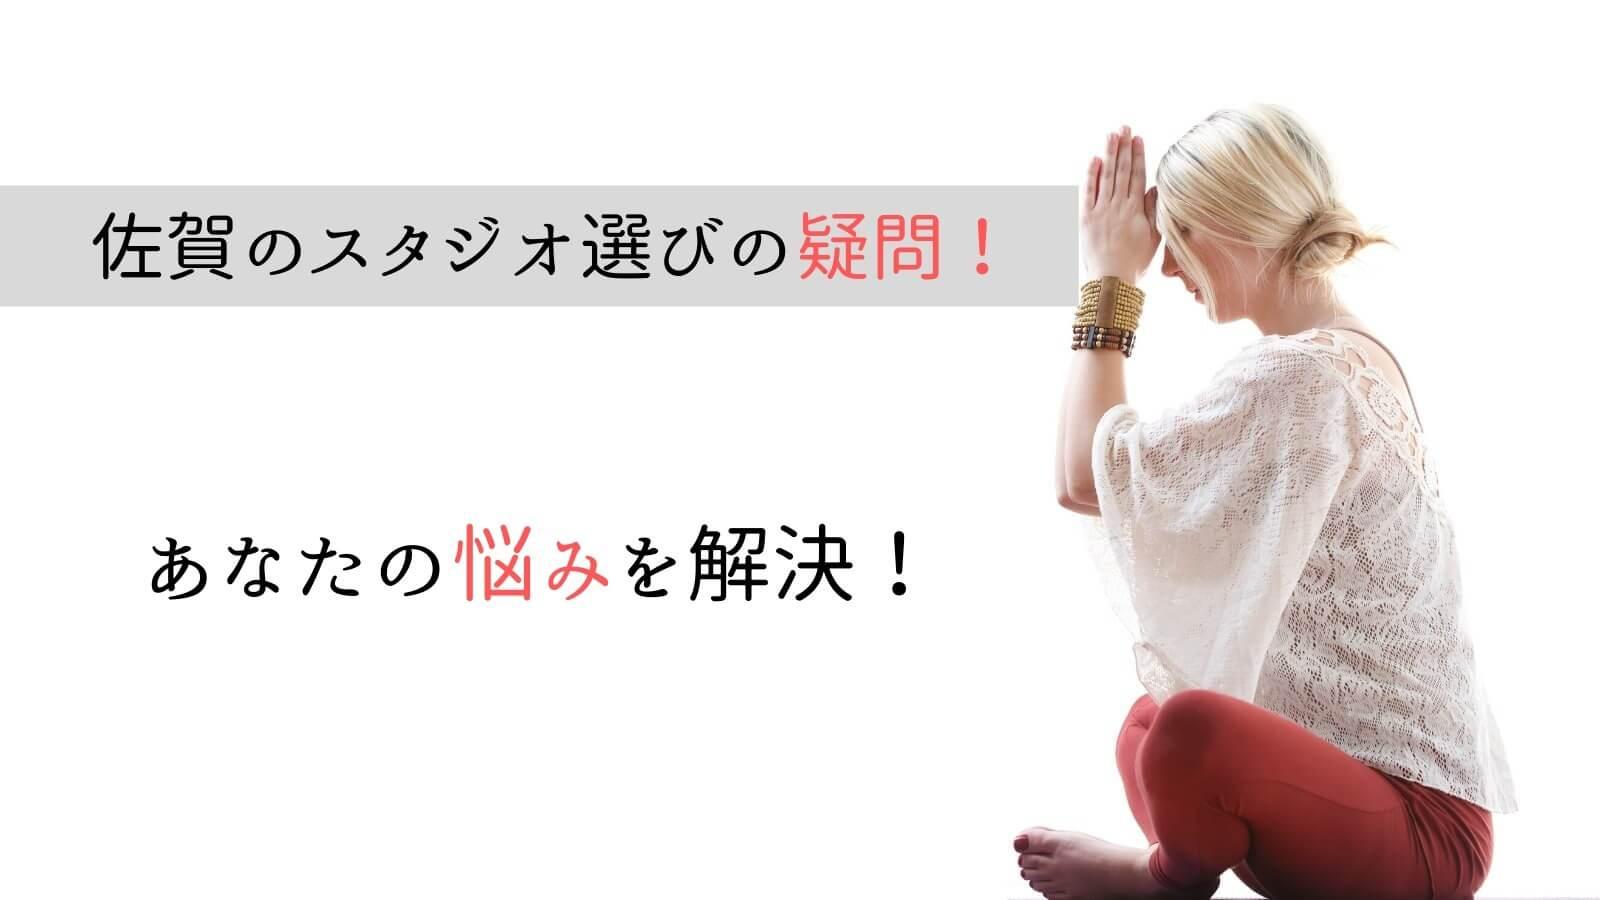 佐賀でのヨガ・ホットヨガスタジオ選びに関するQ&A